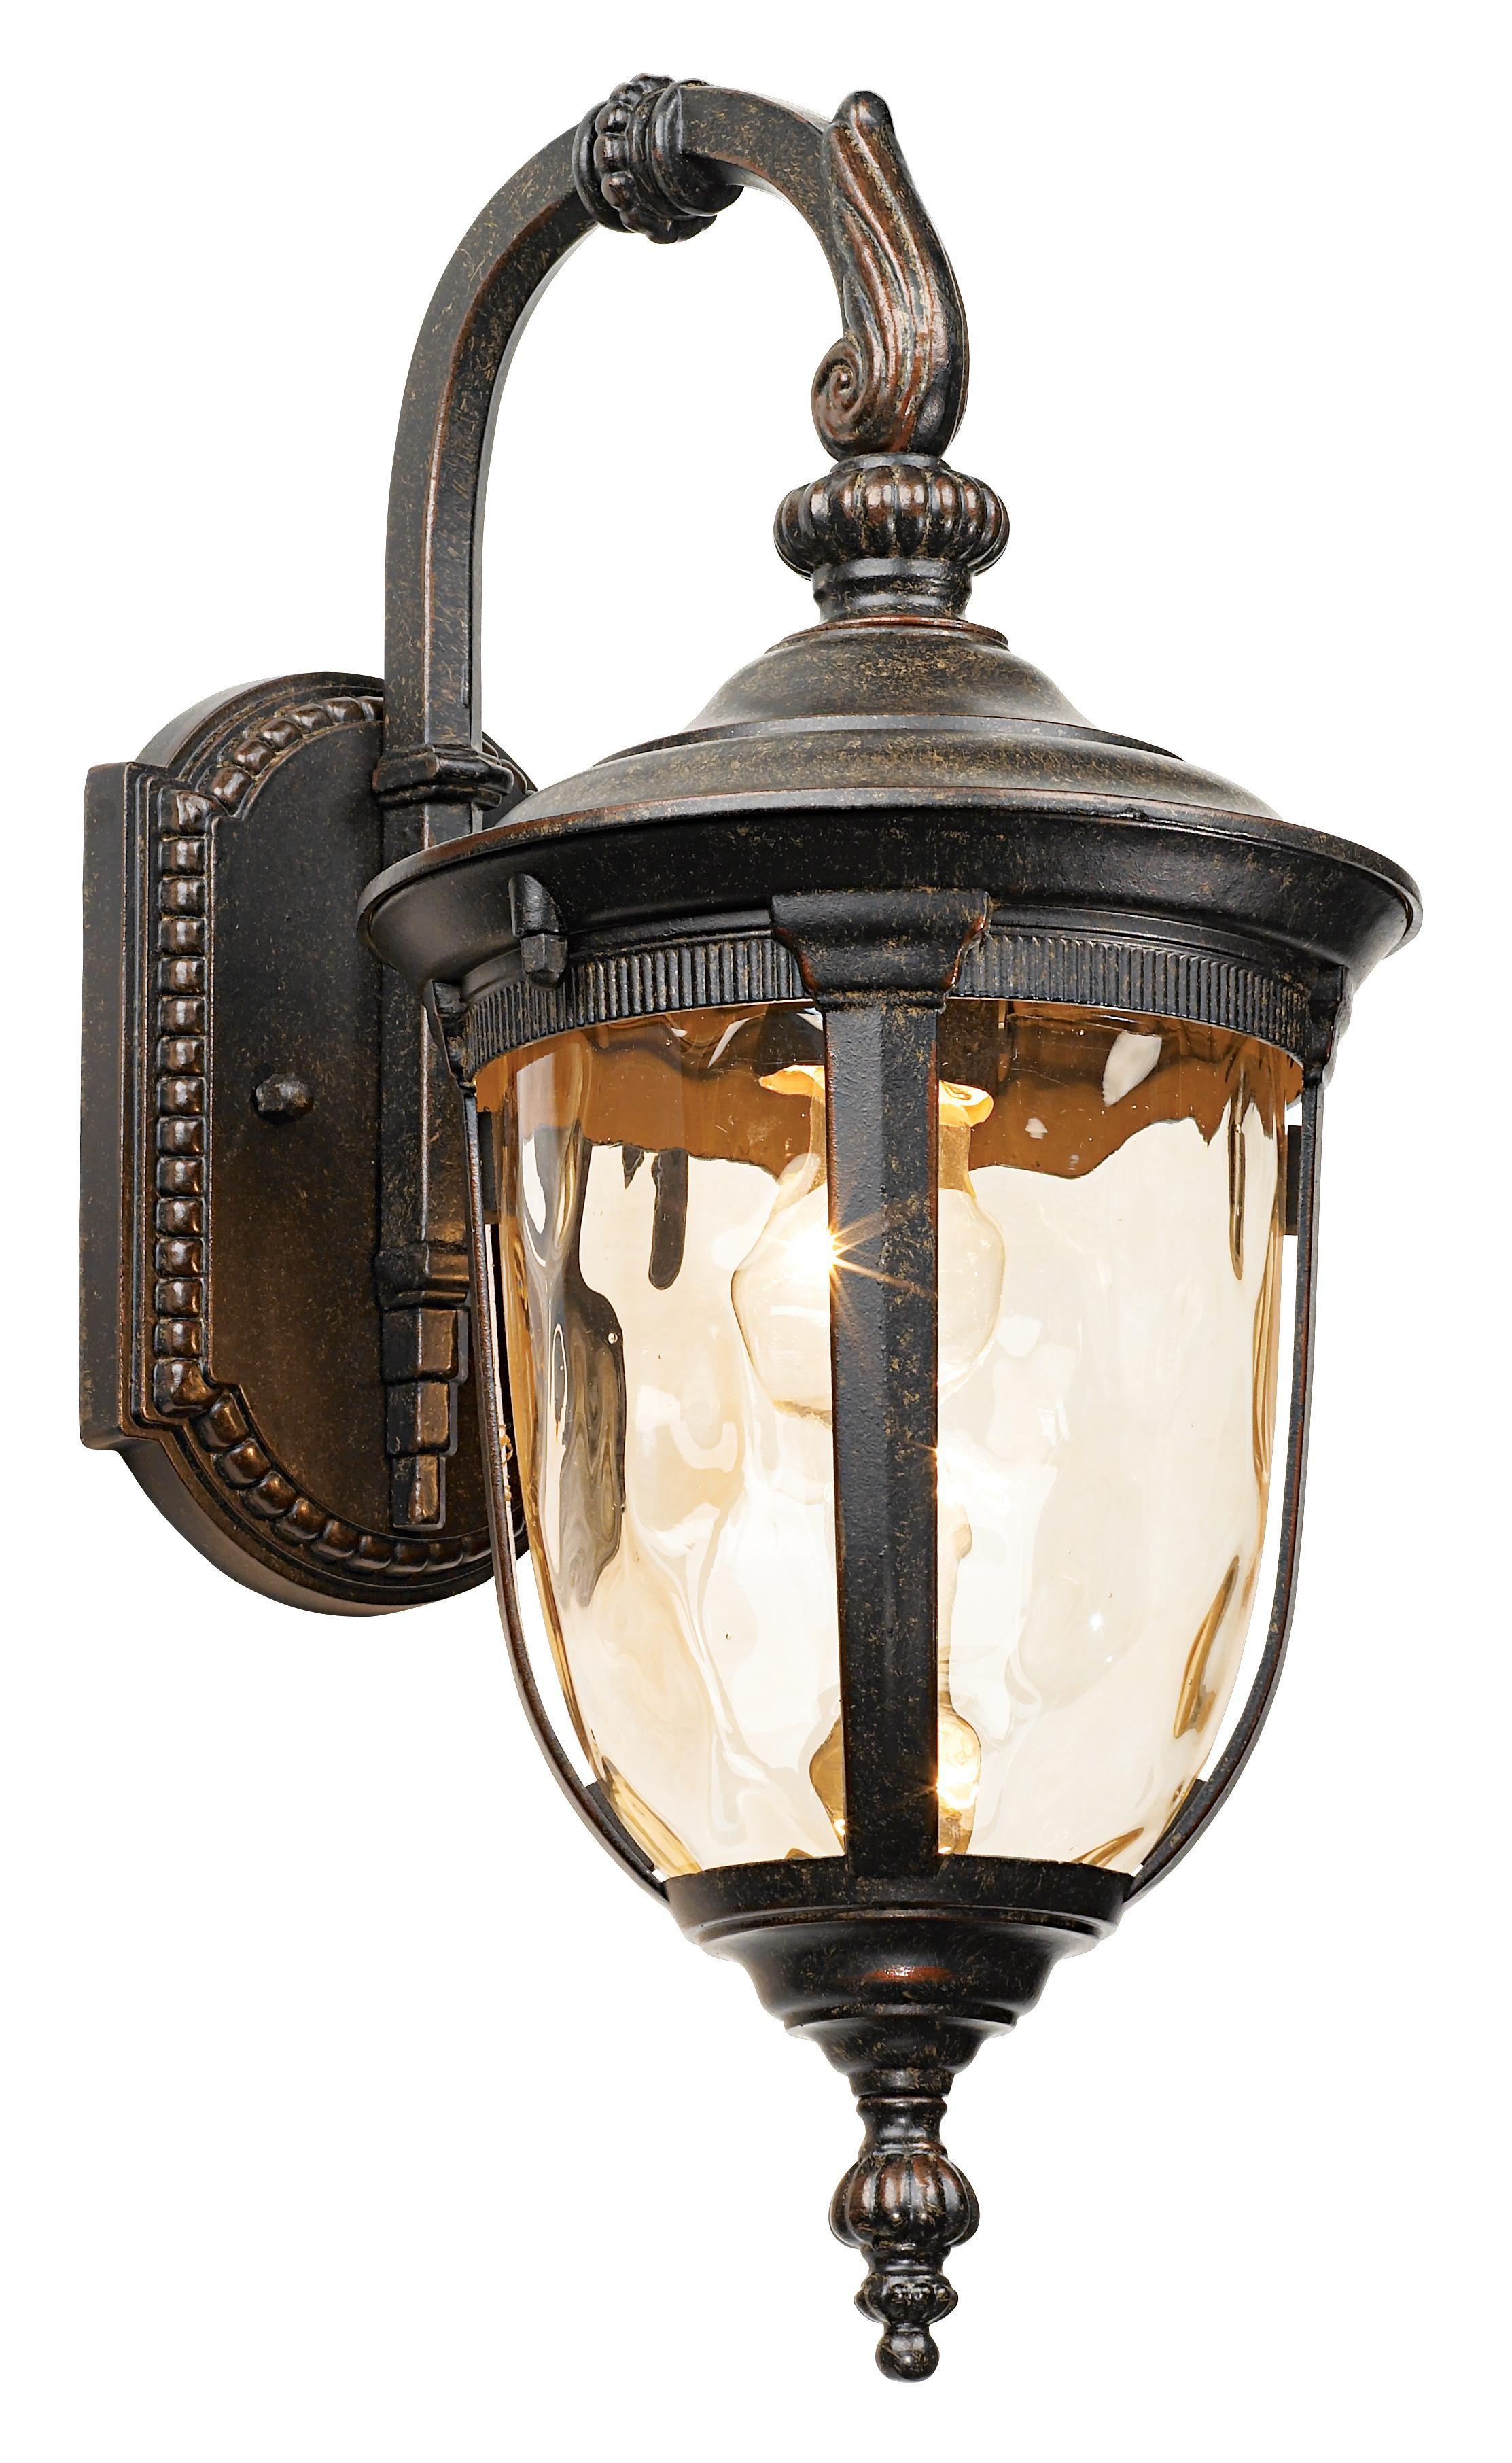 Bellagio 16 1 2 High Bronze Downbridge Outdoor Wall Light 46910 Lamps Plus Outdoor Wall Light Fixtures Wall Lights Outdoor Wall Lighting